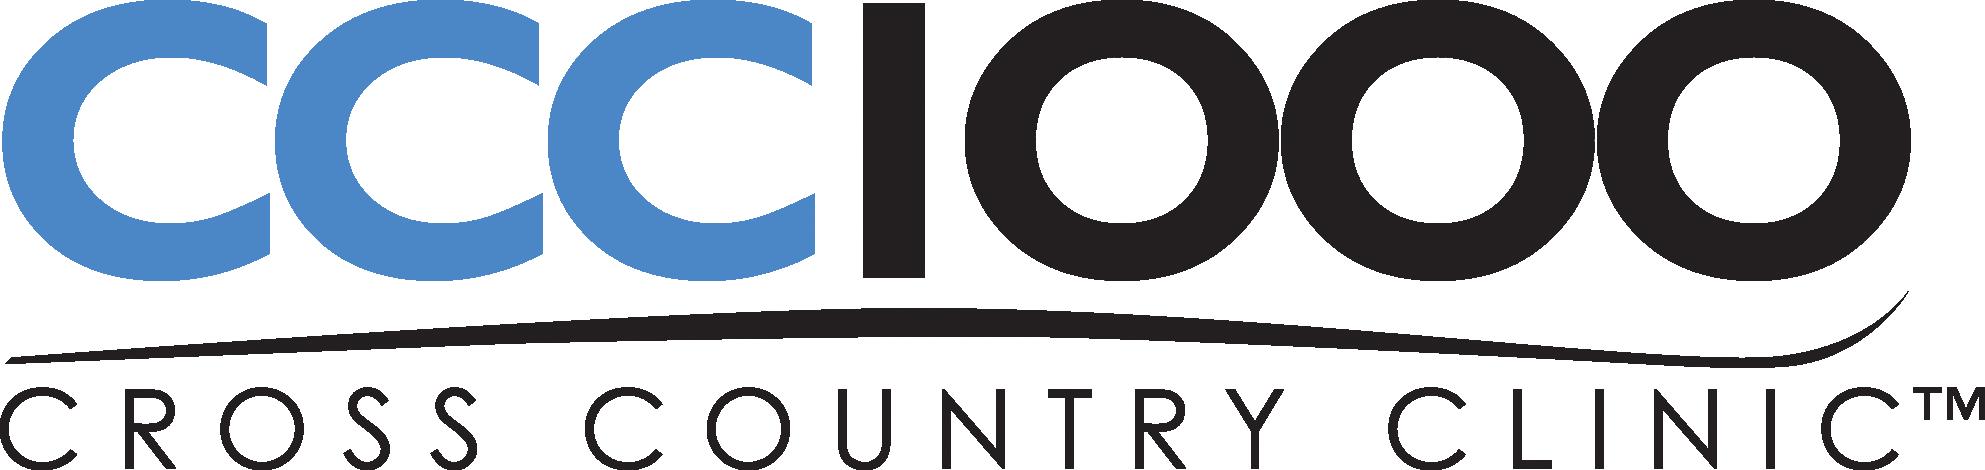 CCC1000